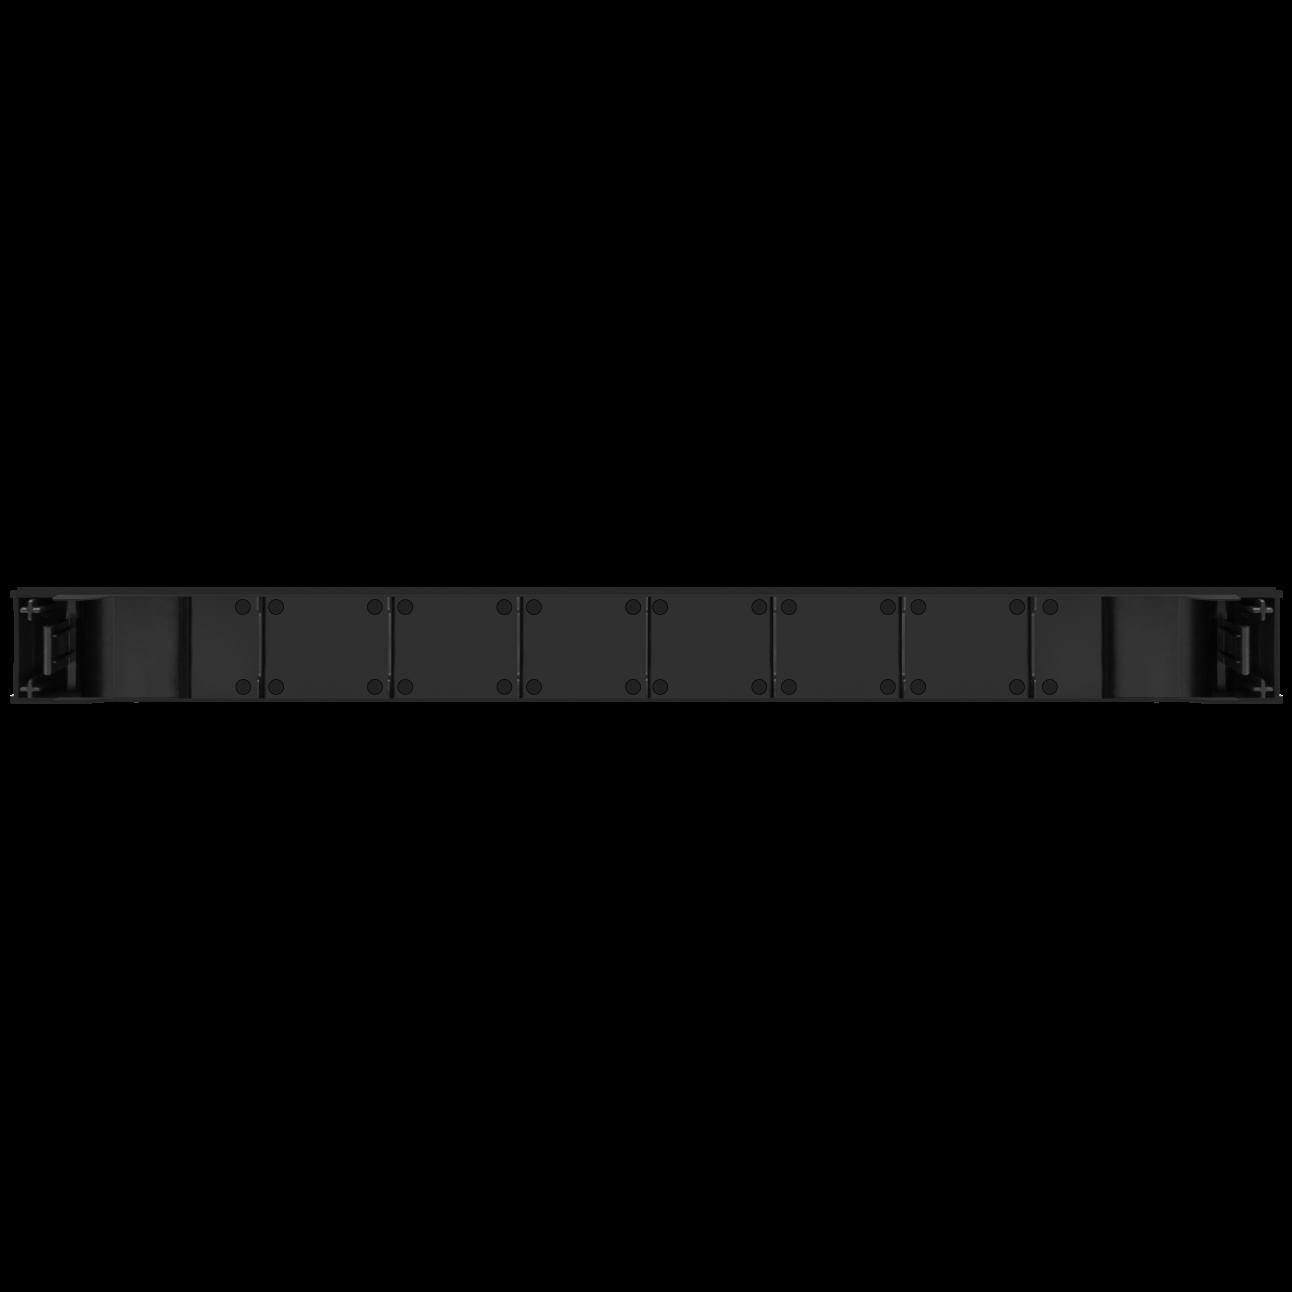 """Пластиковая фальшпанель-заглушка 19"""" высота 1U, монтаж без инструментов"""